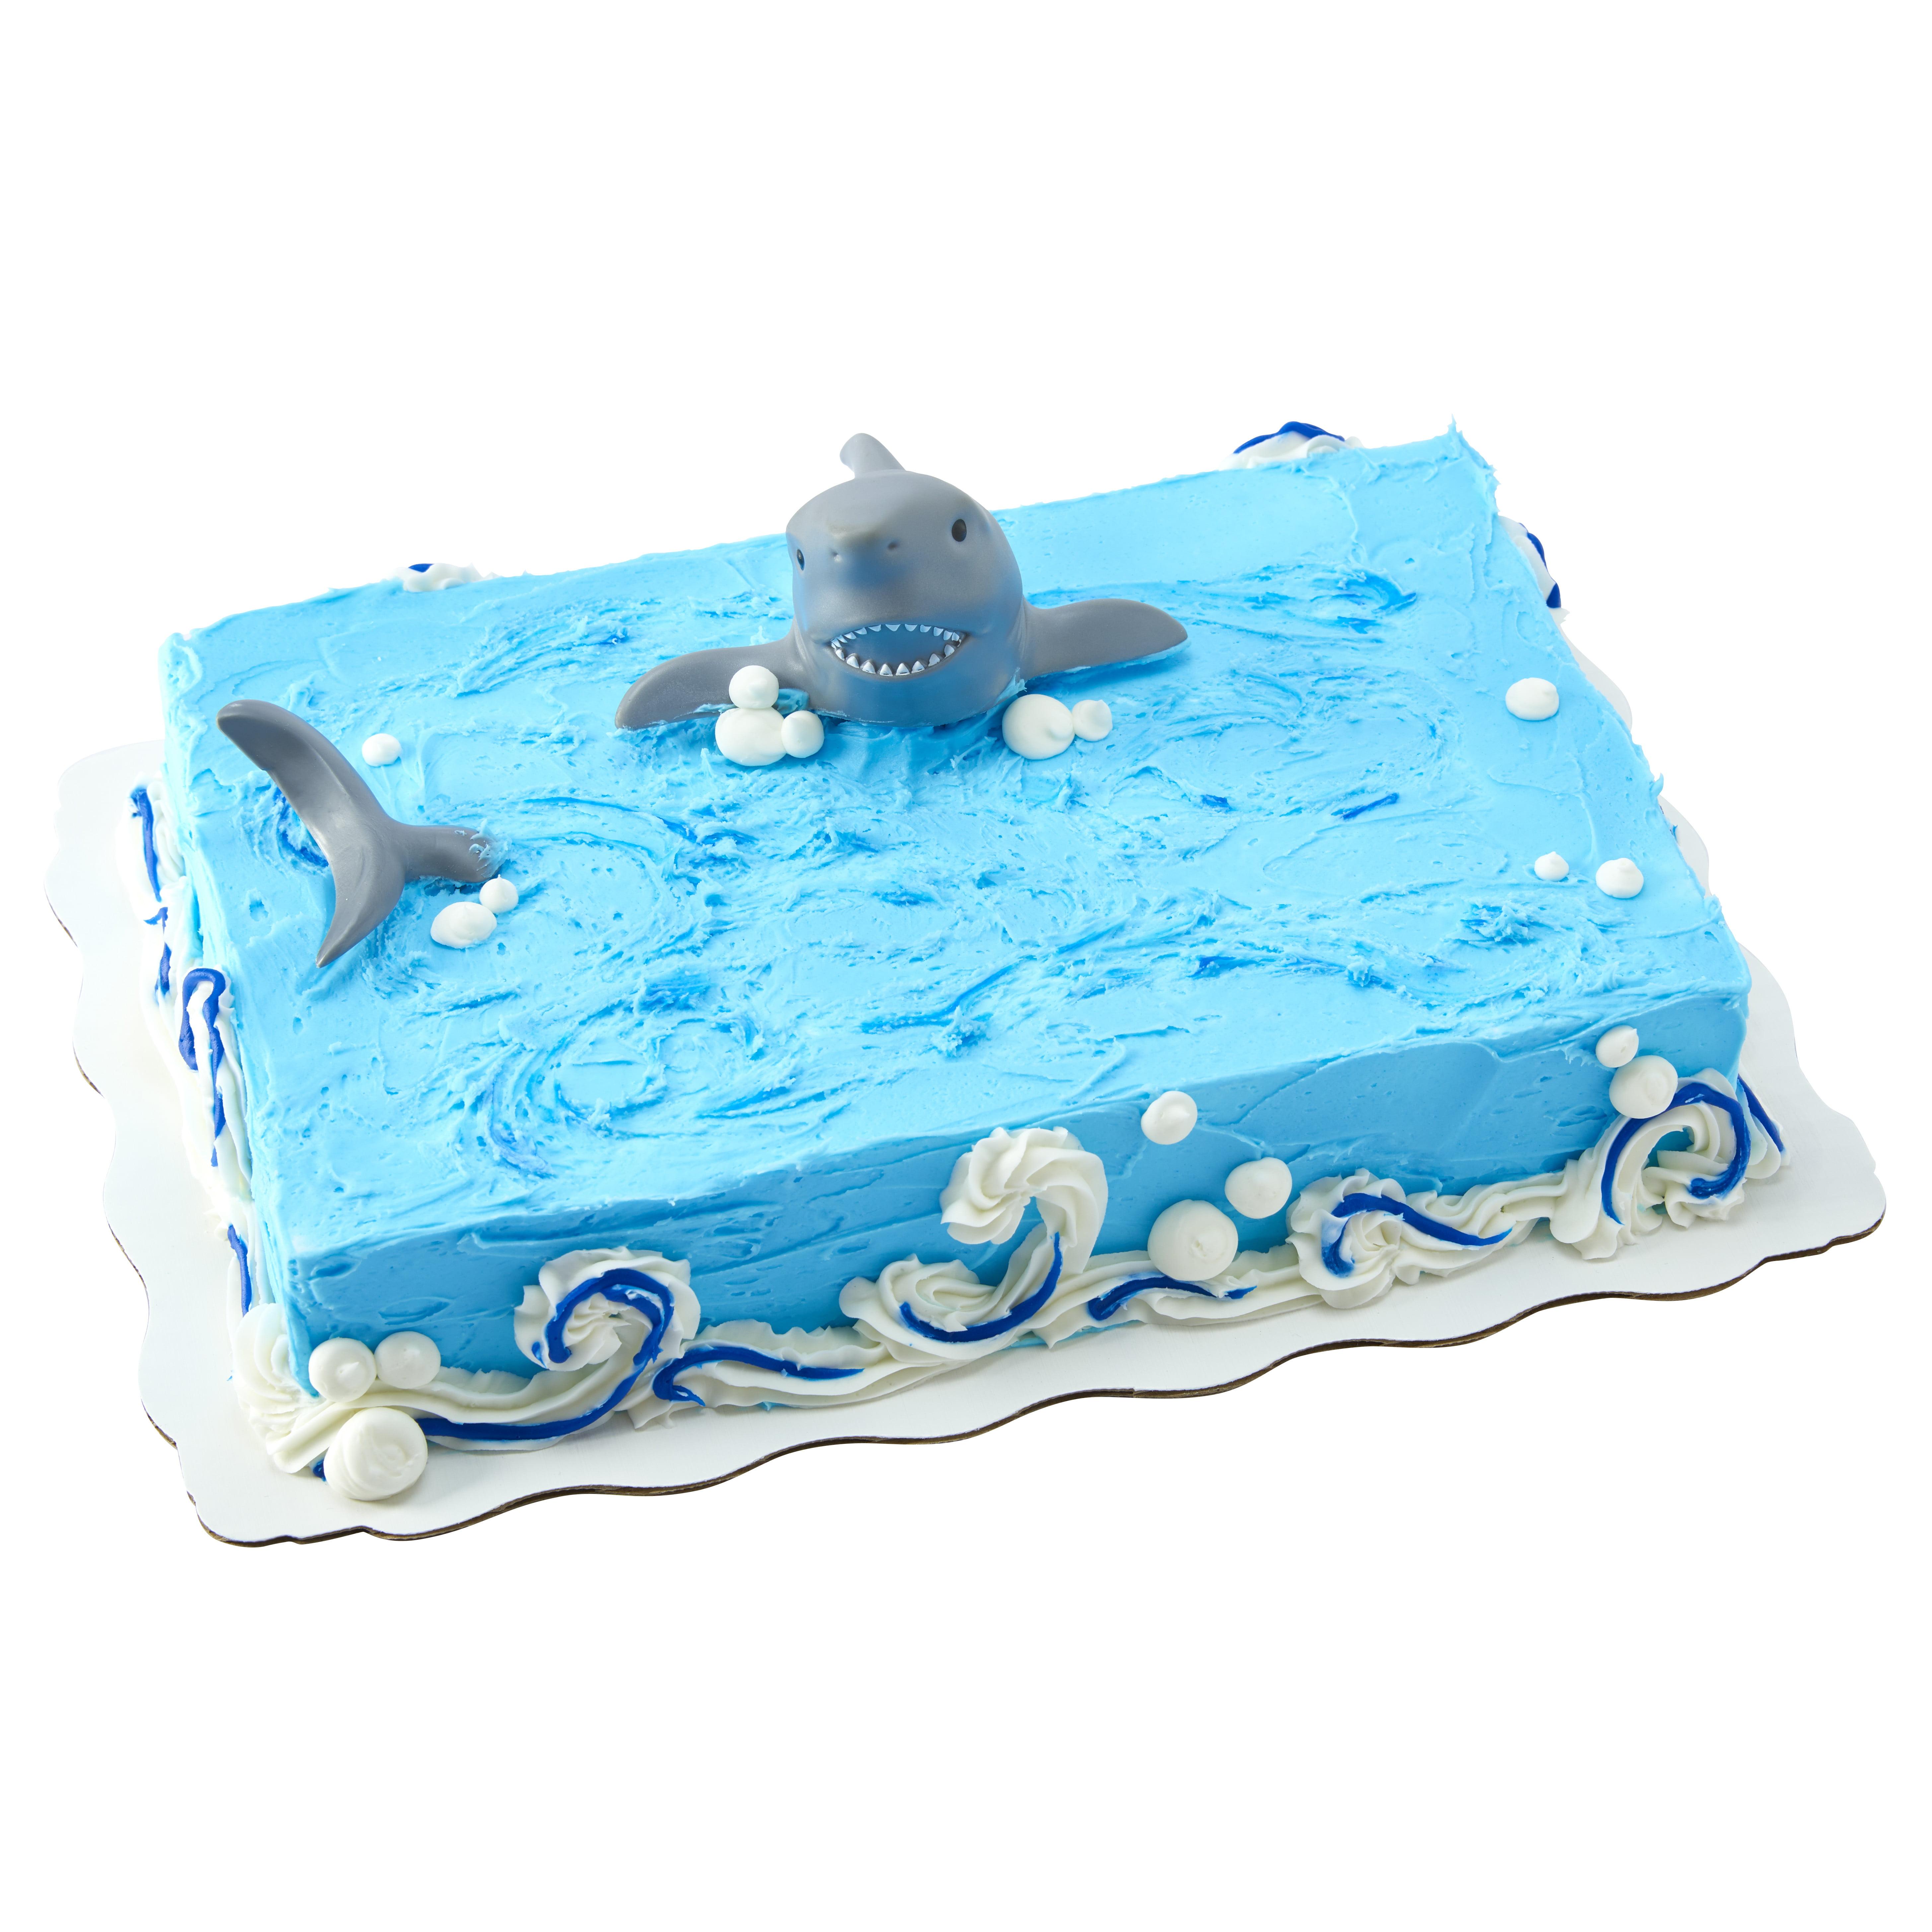 Remarkable Shark Attack Sheet Cake Walmart Com Walmart Com Funny Birthday Cards Online Hetedamsfinfo